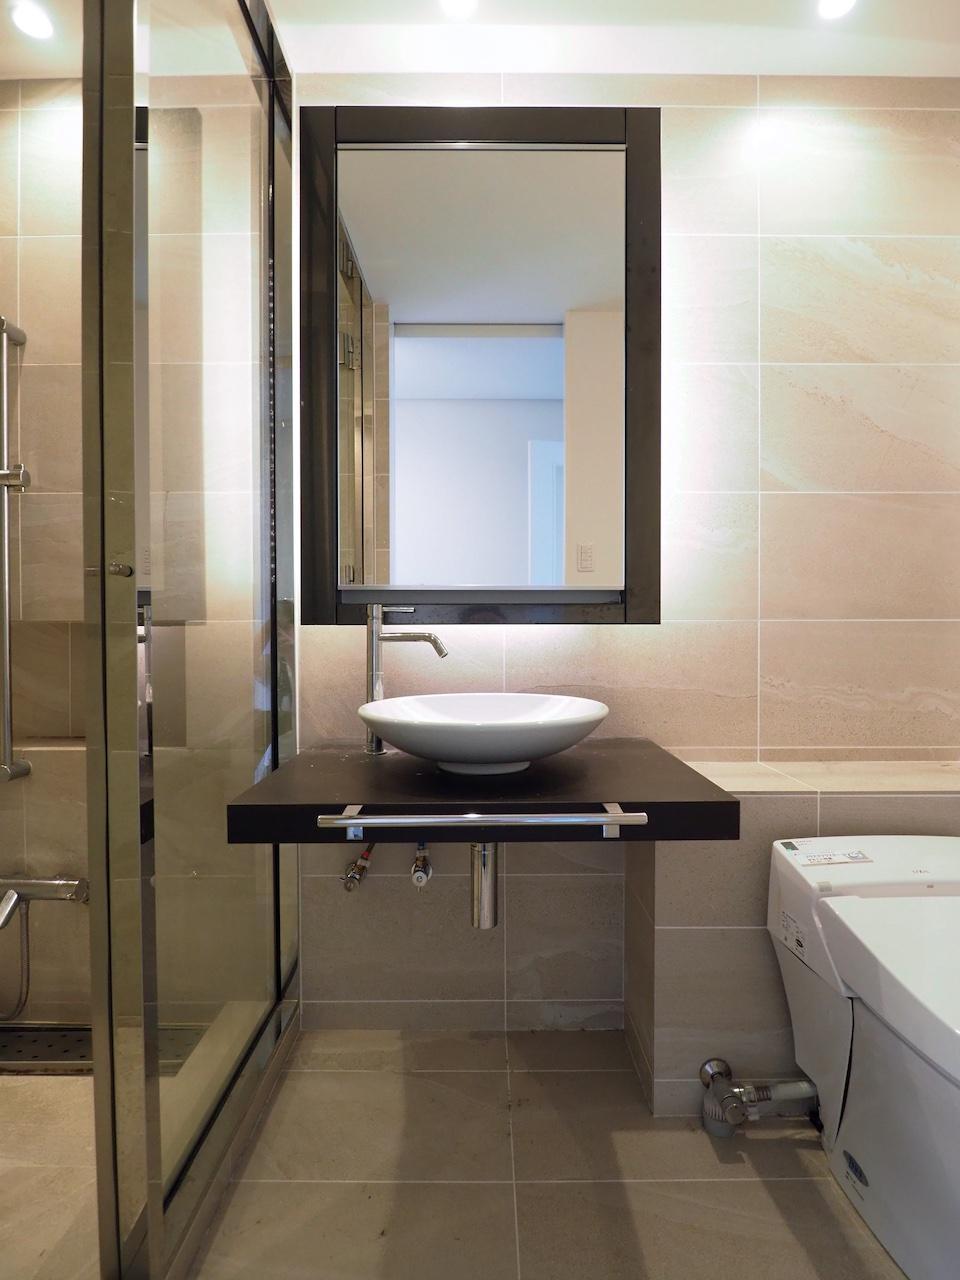 ホテルライクな水回り。お風呂との壁がシースルー。